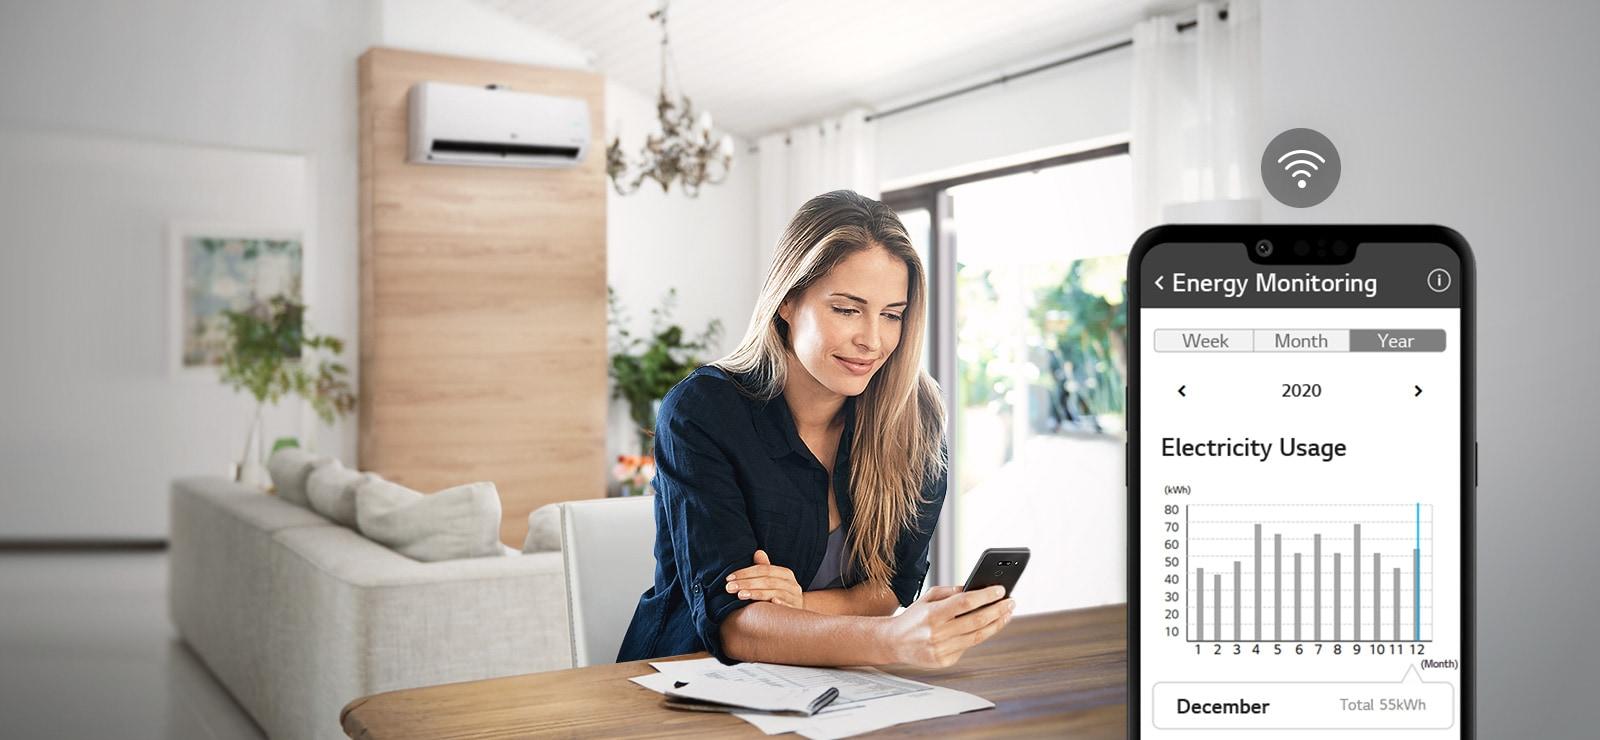 上方三個圖示代表輪盤中有三張圖片。第三個標示為「監控」的圖示為紅色。兩張圖片:左圖顯示父親和女兒在廚房吃東西。右圖顯示一隻手打開內有一盤鬆餅的烤箱。中間是可見 ThinQ 應用程式且 Wifi 圖示位於其上的手機螢幕。。